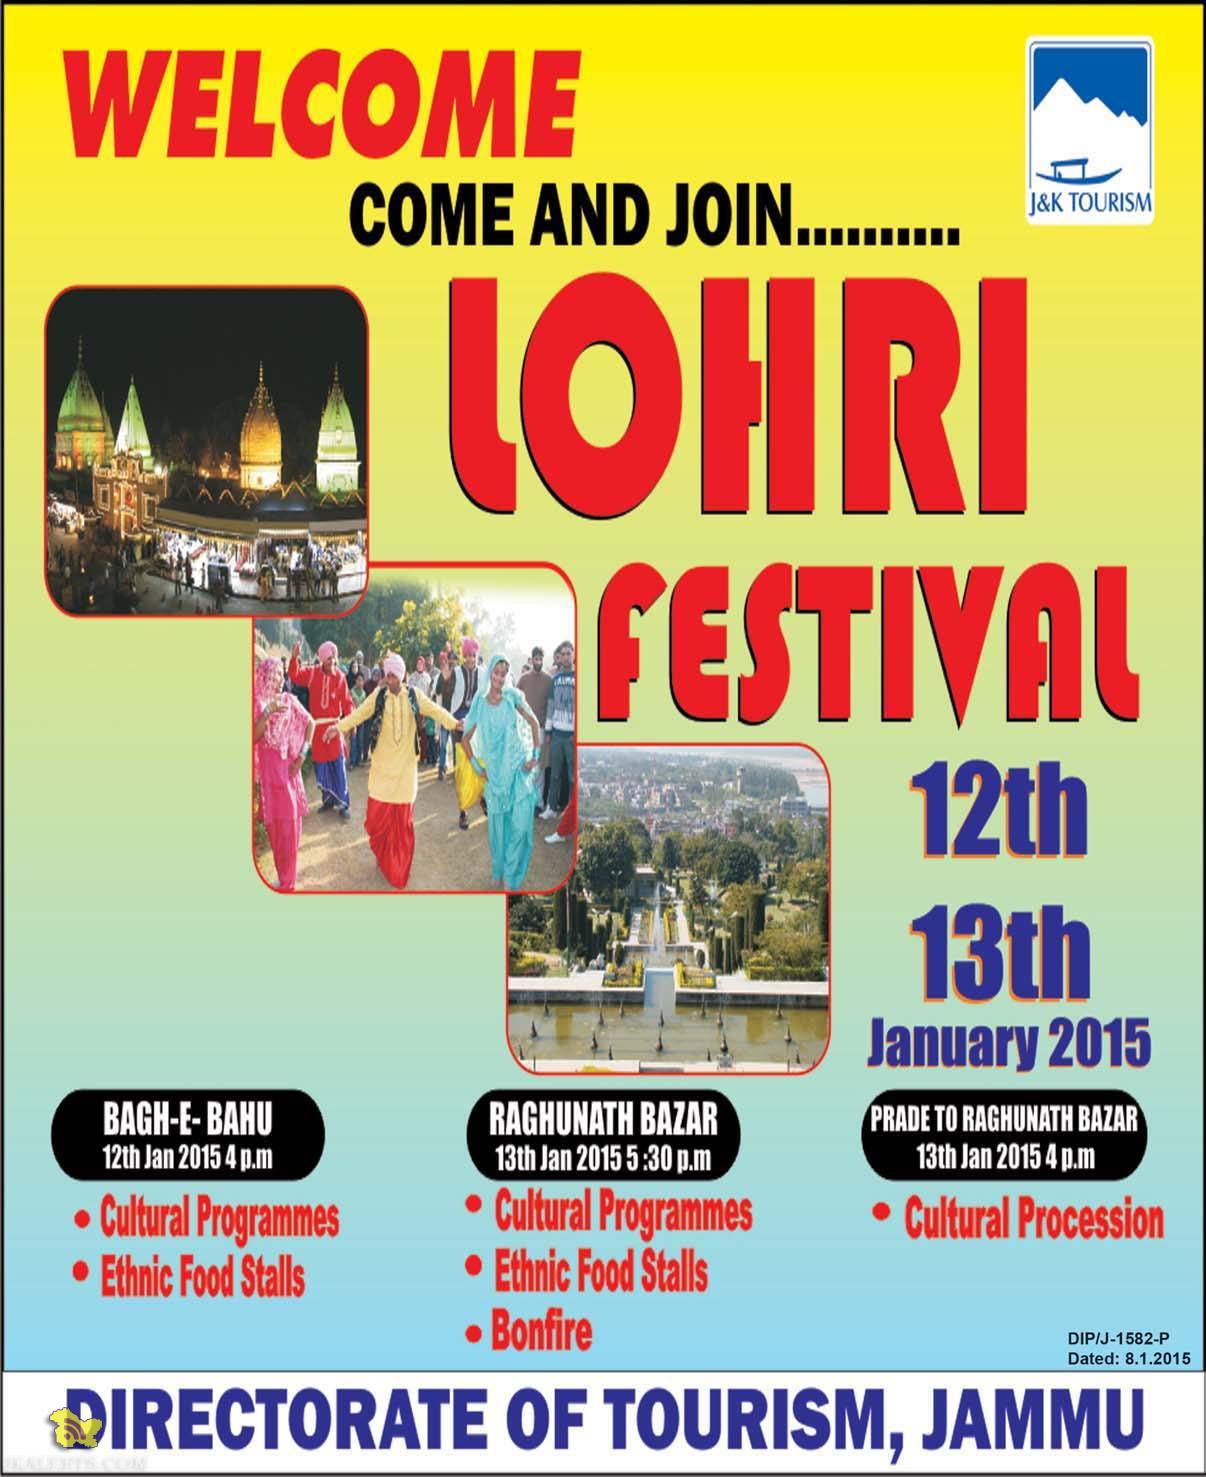 LOHRI FESTIVAL IN JAMMU BAGH-E-BAHU, RAGHUNATH BAZAR, PRADE